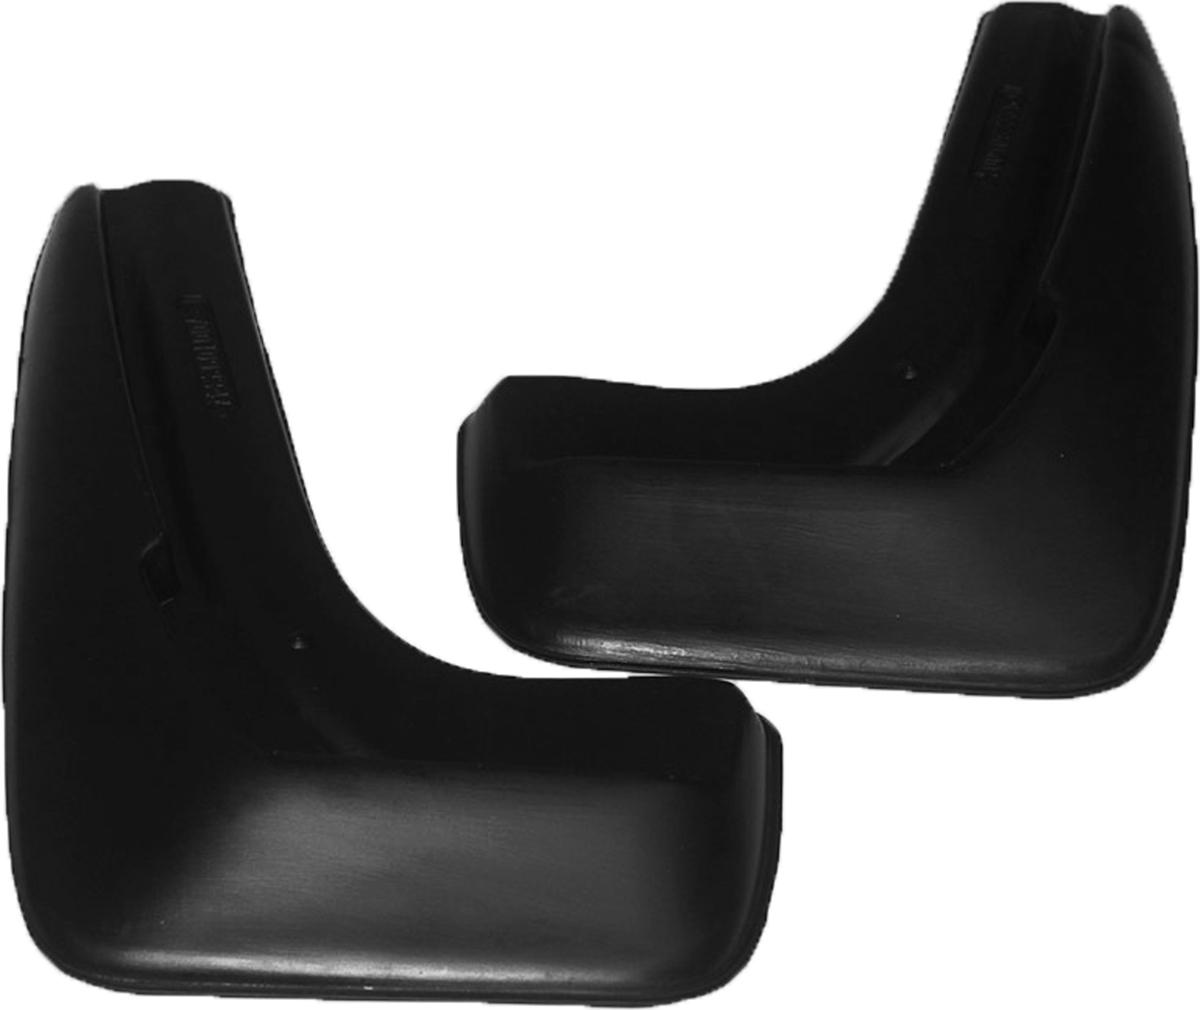 Комплект брызговиков задних L.Locker, для Volkswagen Polo V sd (14-), 2 шт7001092361Брызговики L.Locker изготовлены из высококачественного полимера. Уникальный состав брызговиков допускает их эксплуатацию в широком диапазоне температур: от -50°С до +80°С. Эффективно защищают кузов автомобиля от грязи и воды - формируют аэродинамический поток воздуха, создаваемый при движении вокруг кузова таким образом, чтобы максимально уменьшить образование грязевой измороси, оседающей на автомобиле. Разработаны индивидуально для каждой модели автомобиля, с эстетической точки зрения брызговики являются завершением колесной арки.Крепления в комплекте.